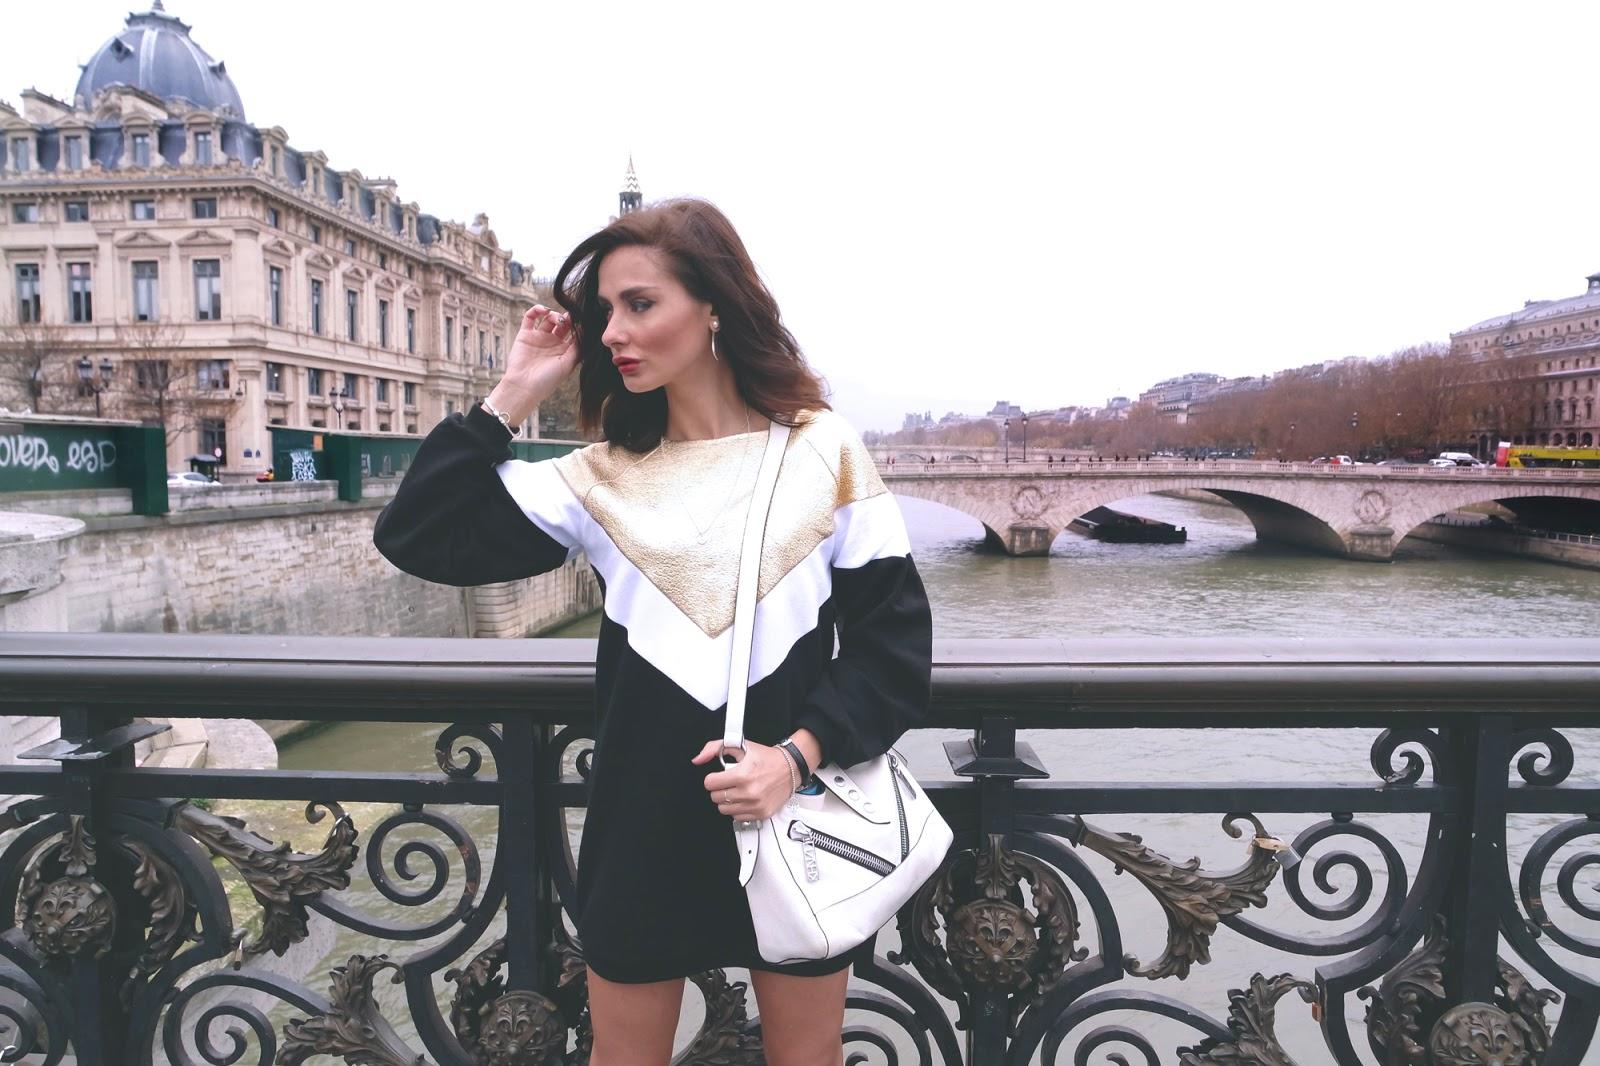 Marie Zamboli oufit in Paris